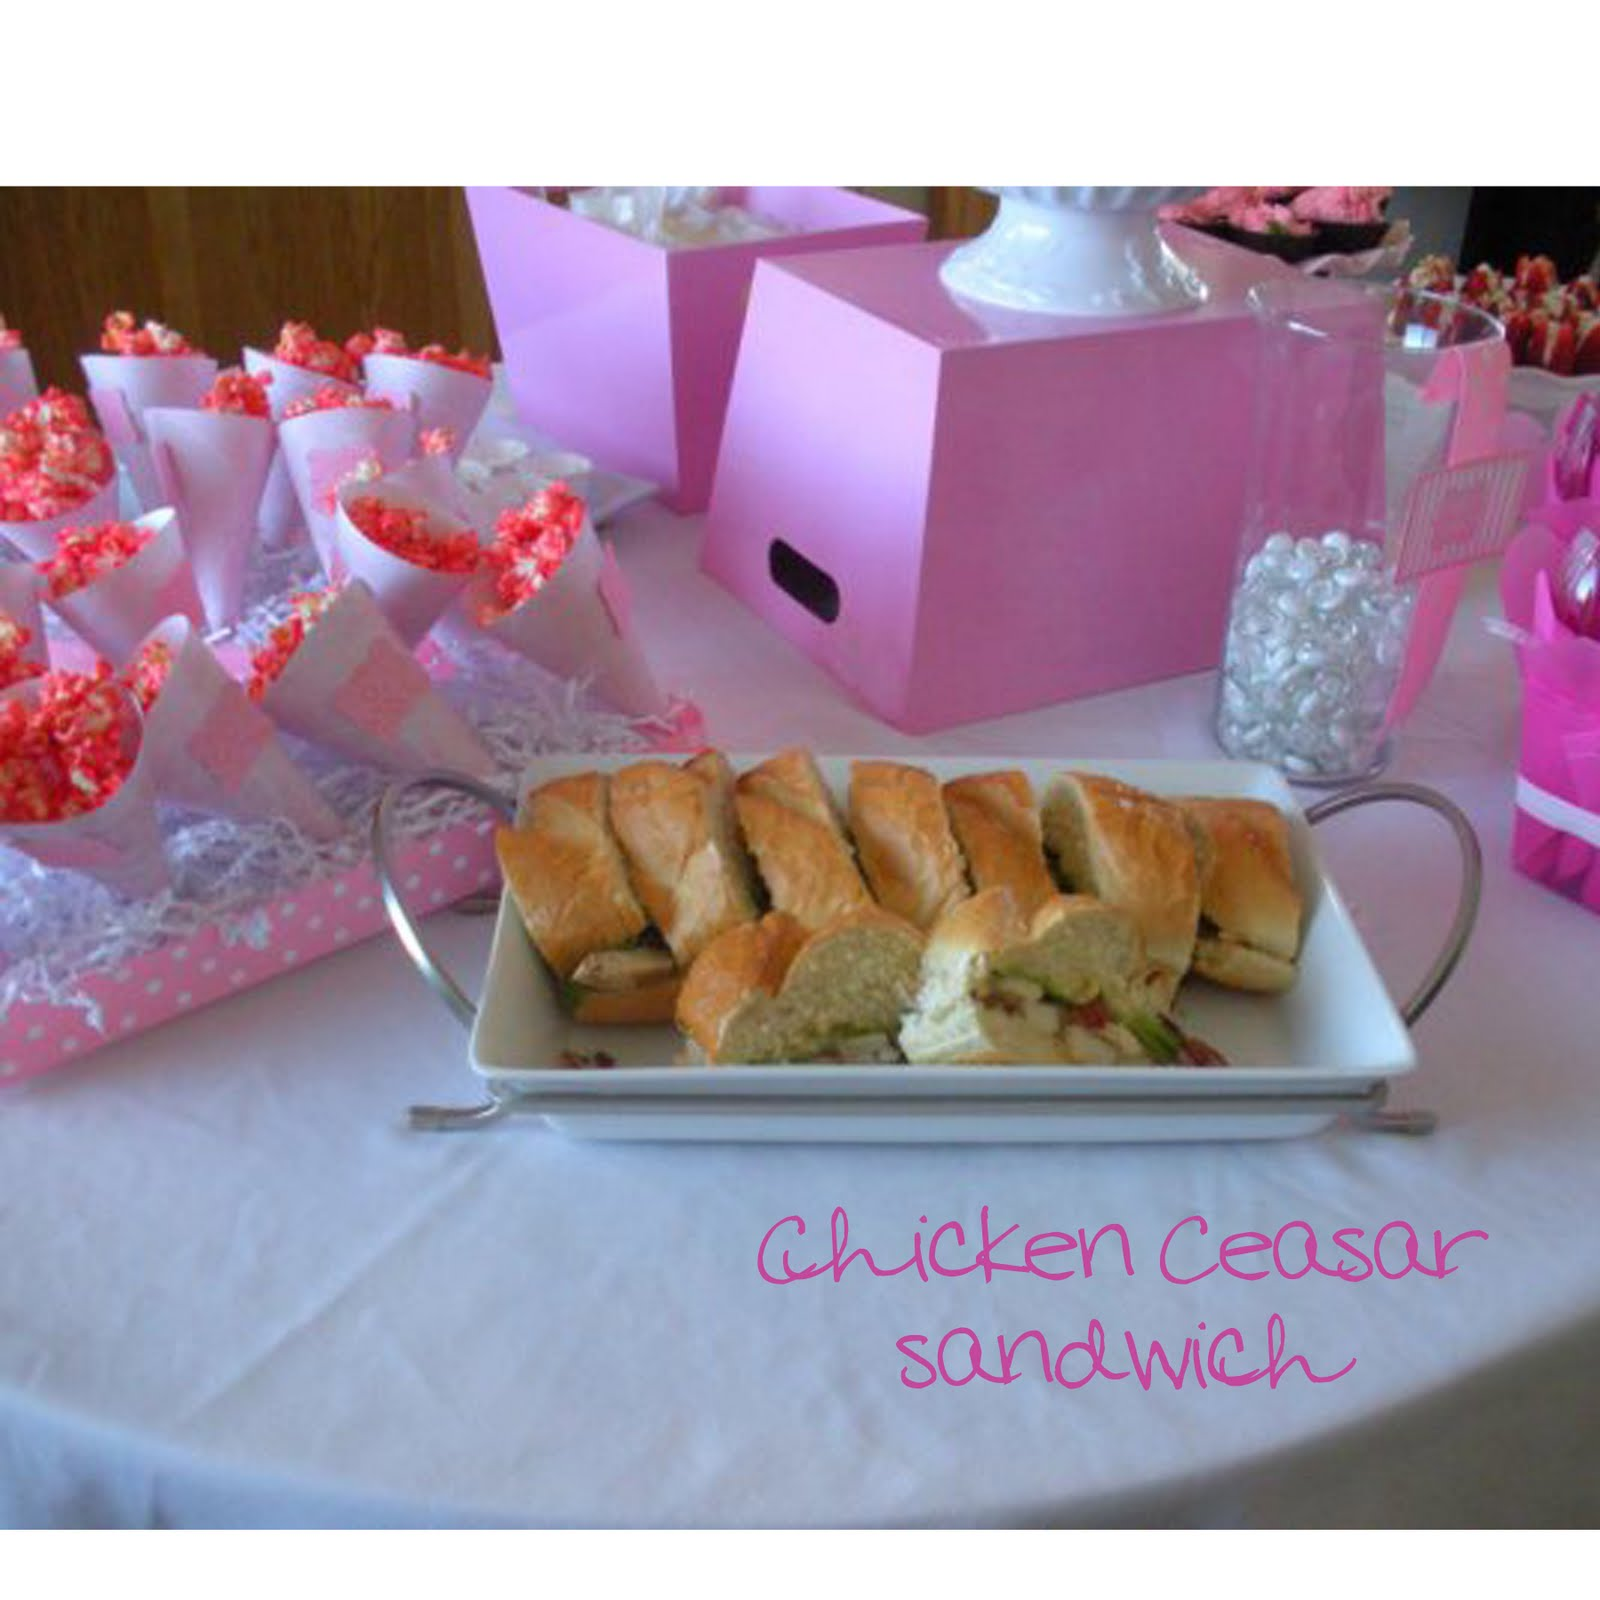 http://3.bp.blogspot.com/_HJitLAzYbCA/S7jlueiH2XI/AAAAAAAACFM/WdoTjRIQZJE/s1600/sandwich.jpg